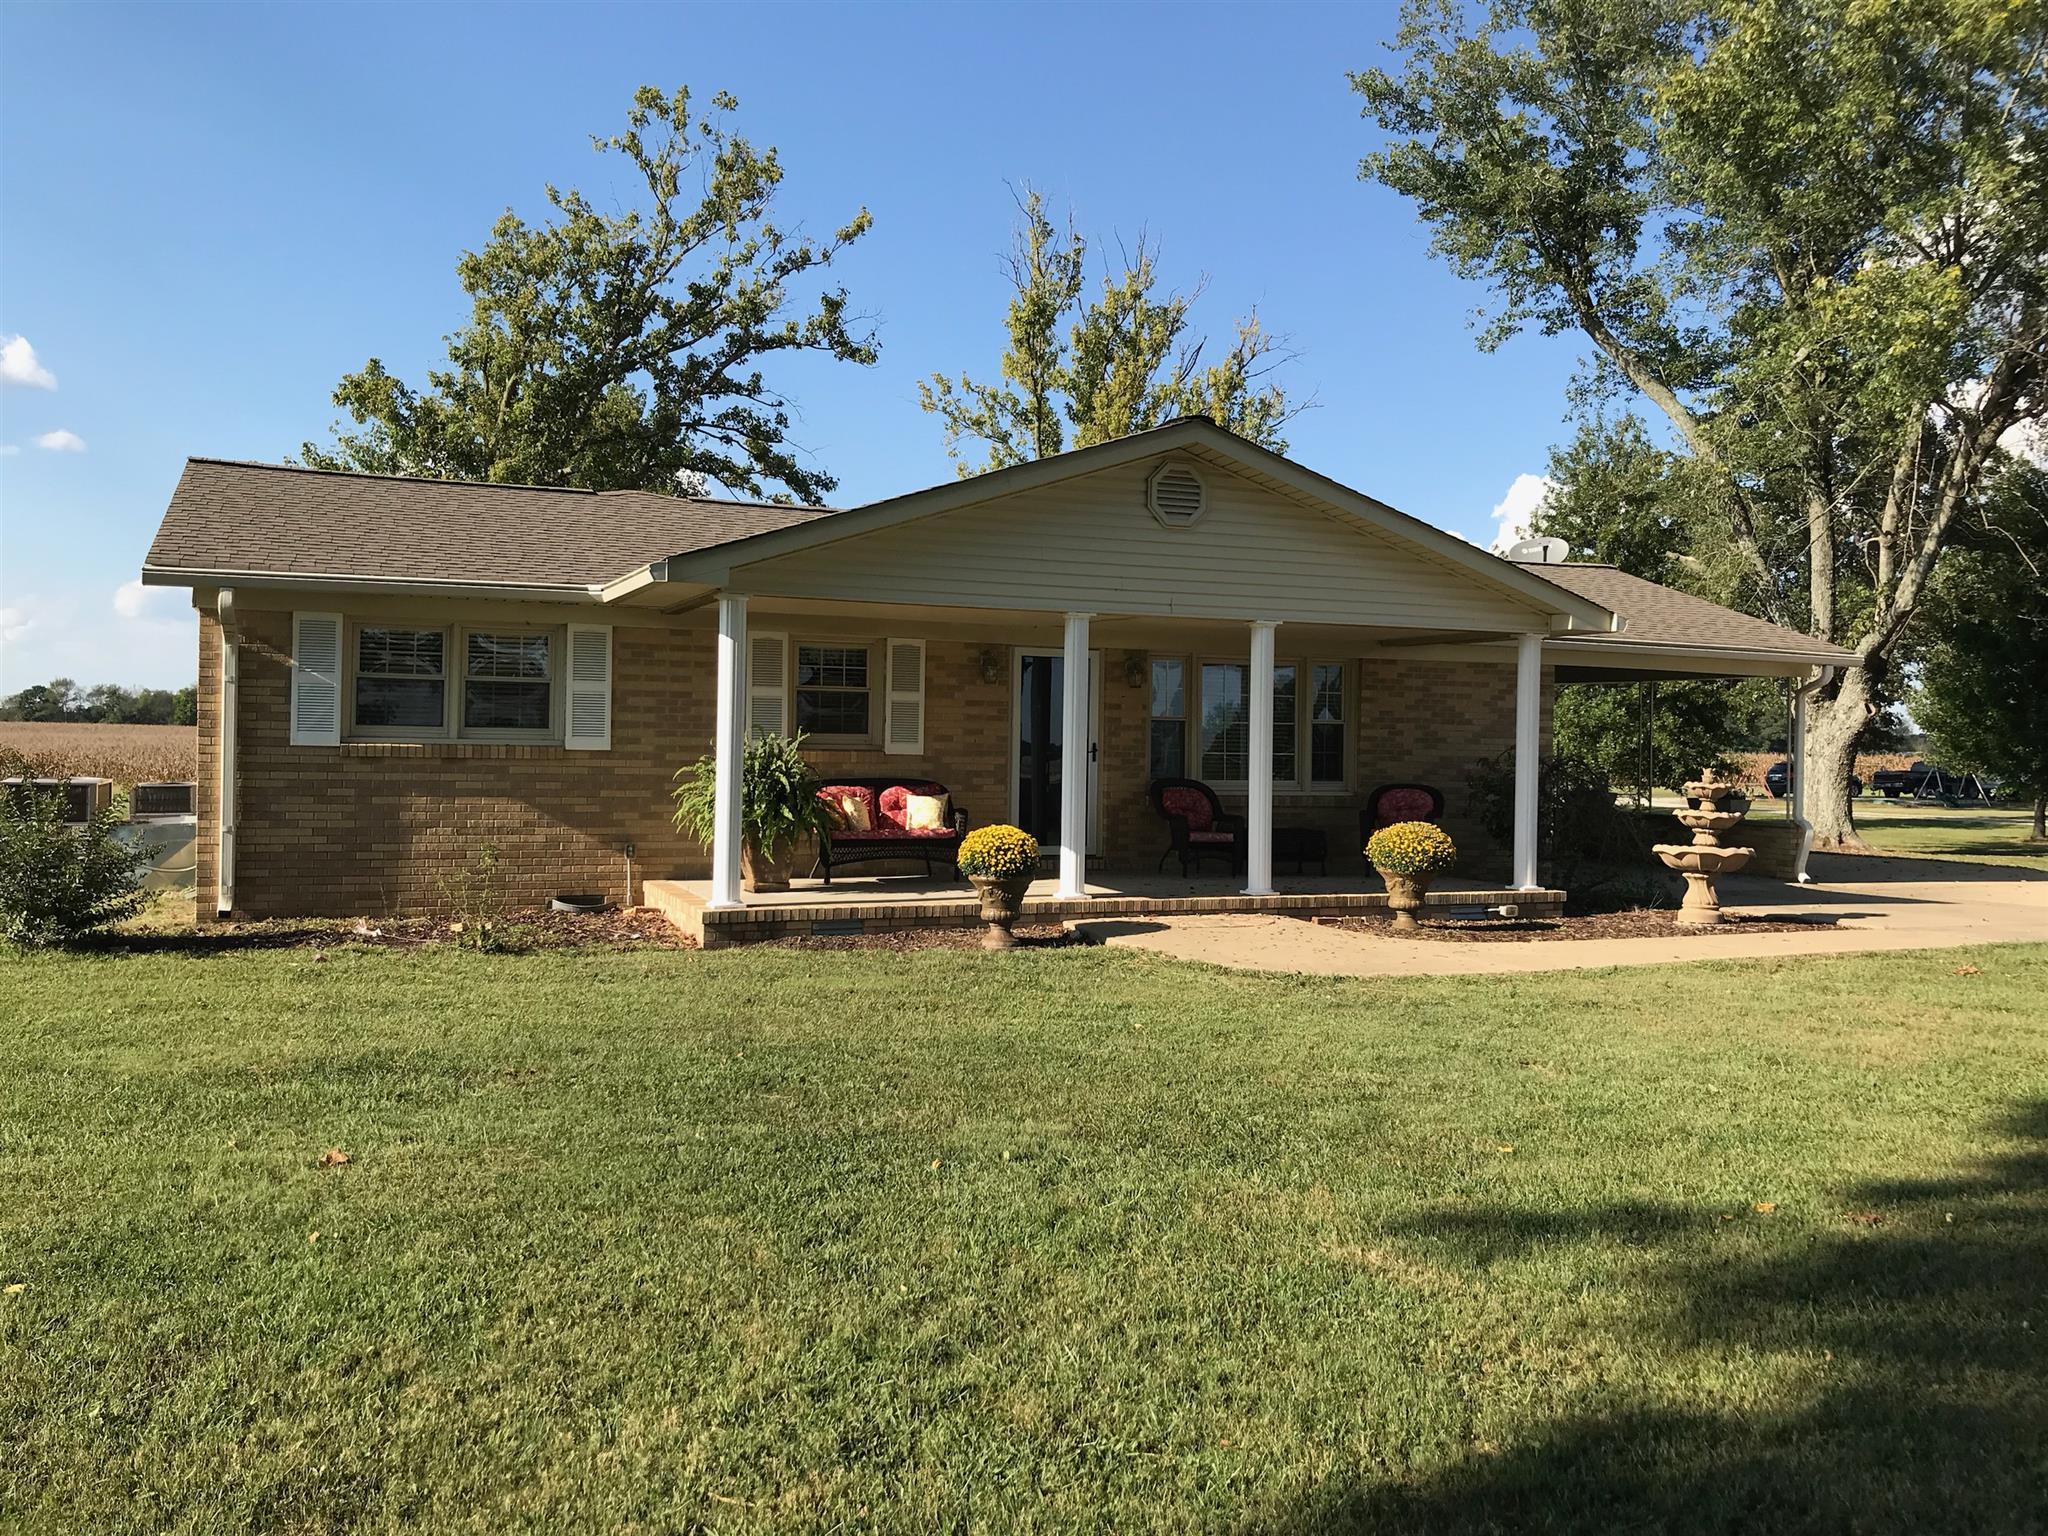 781 Ethridge Red Hill Rd, Ethridge, TN 38456 - Ethridge, TN real estate listing